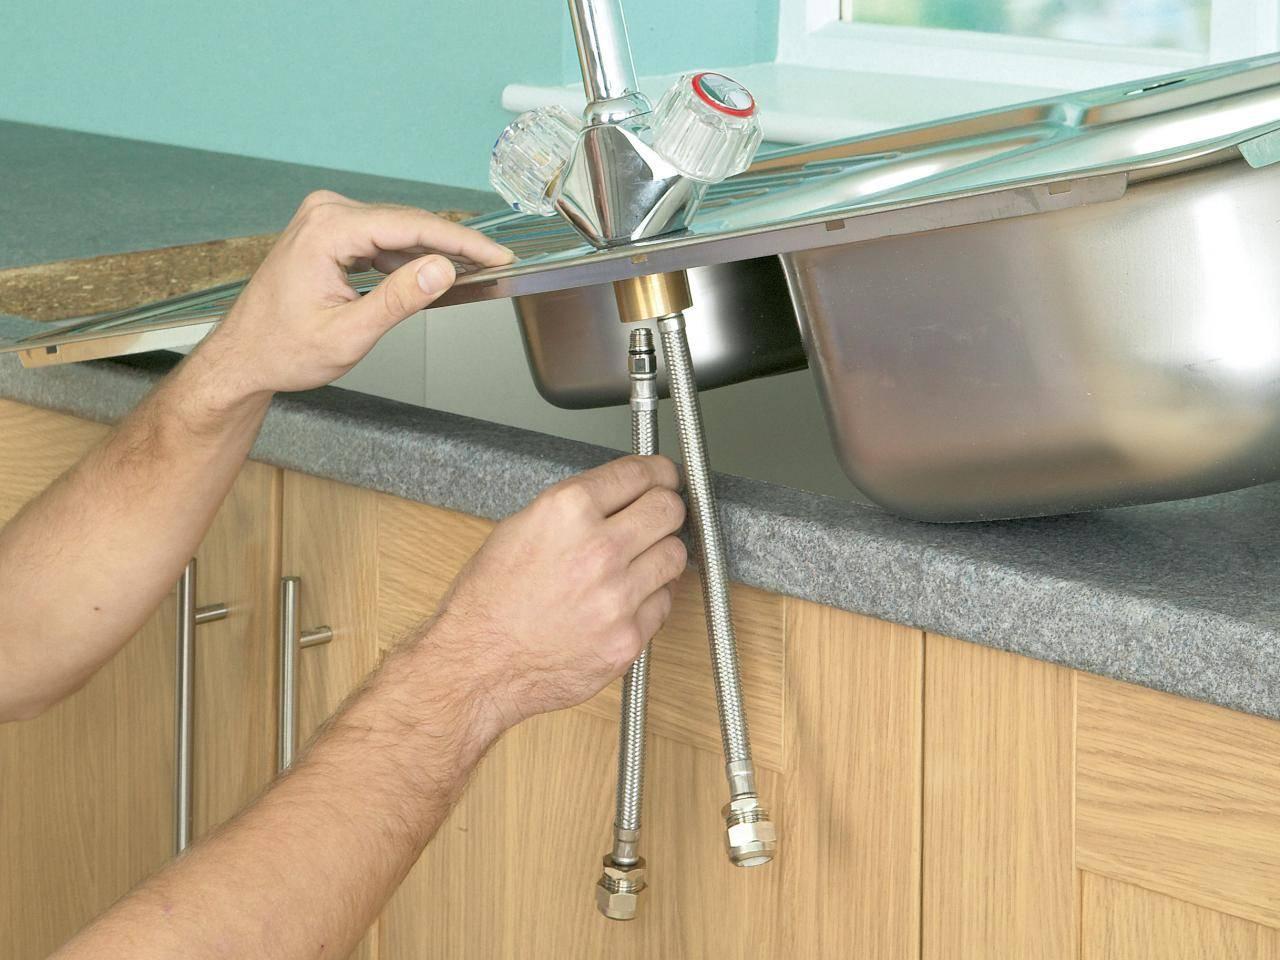 Как установить смеситель на кухне: пошаговый инструктаж по проведению работ